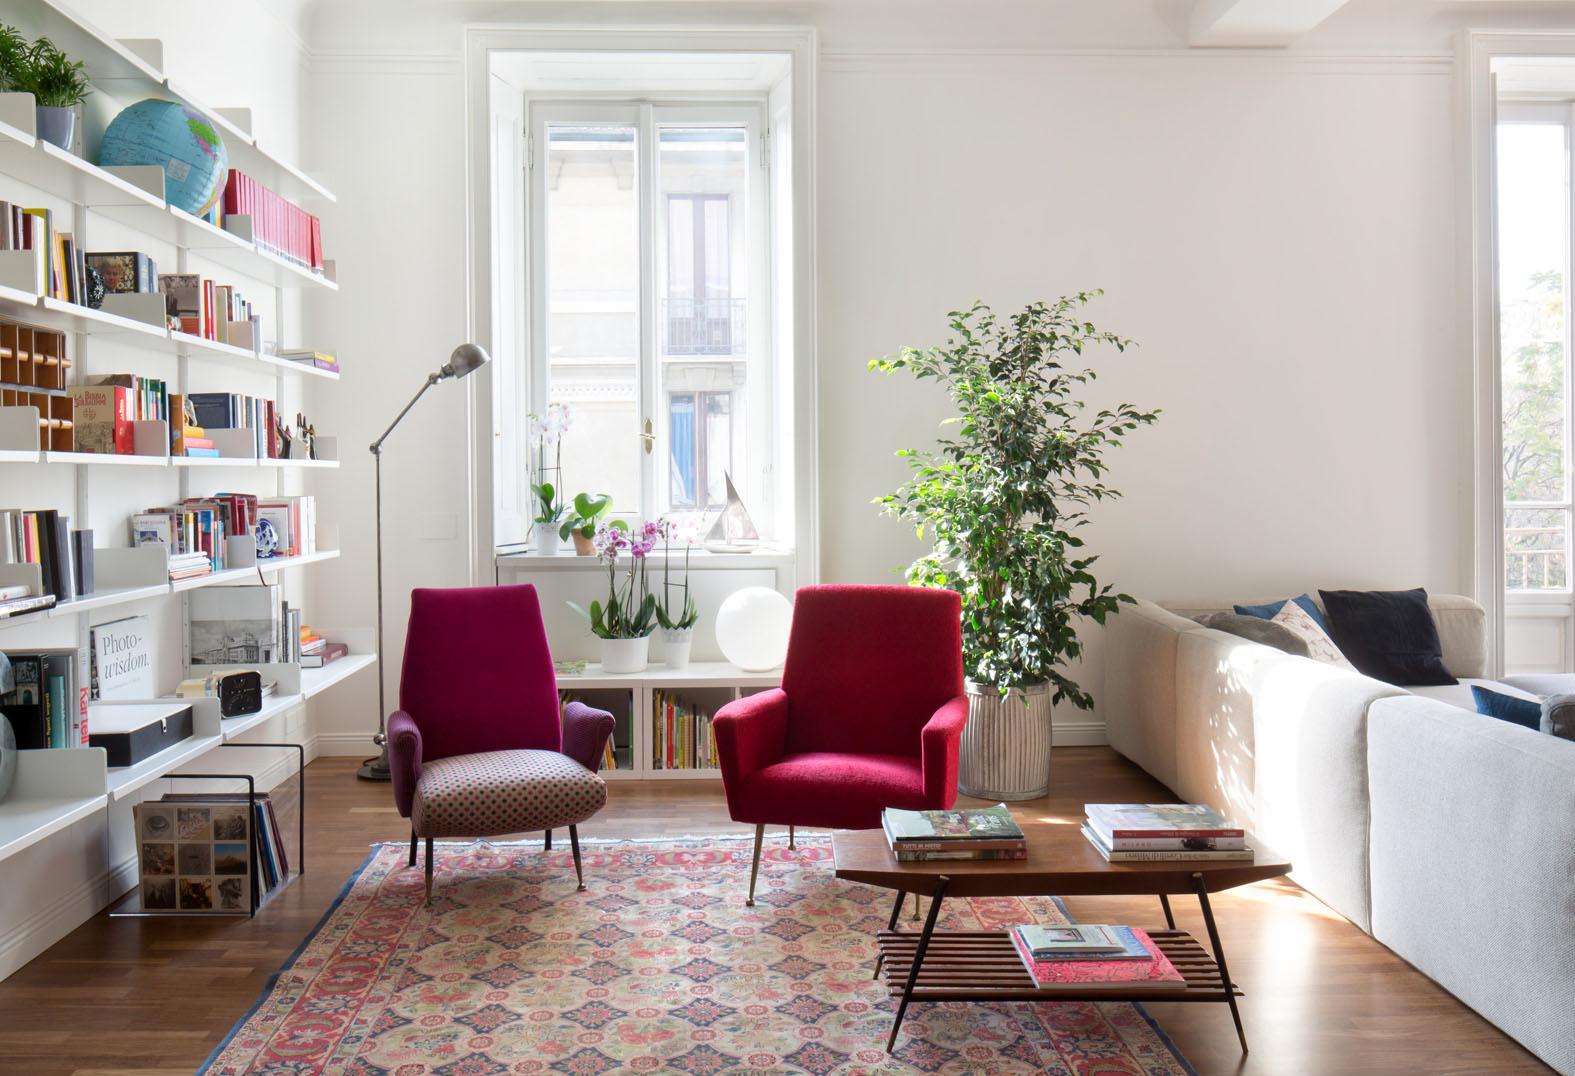 ristrutturazione, milano, interior design, deferrari modesti, arredo